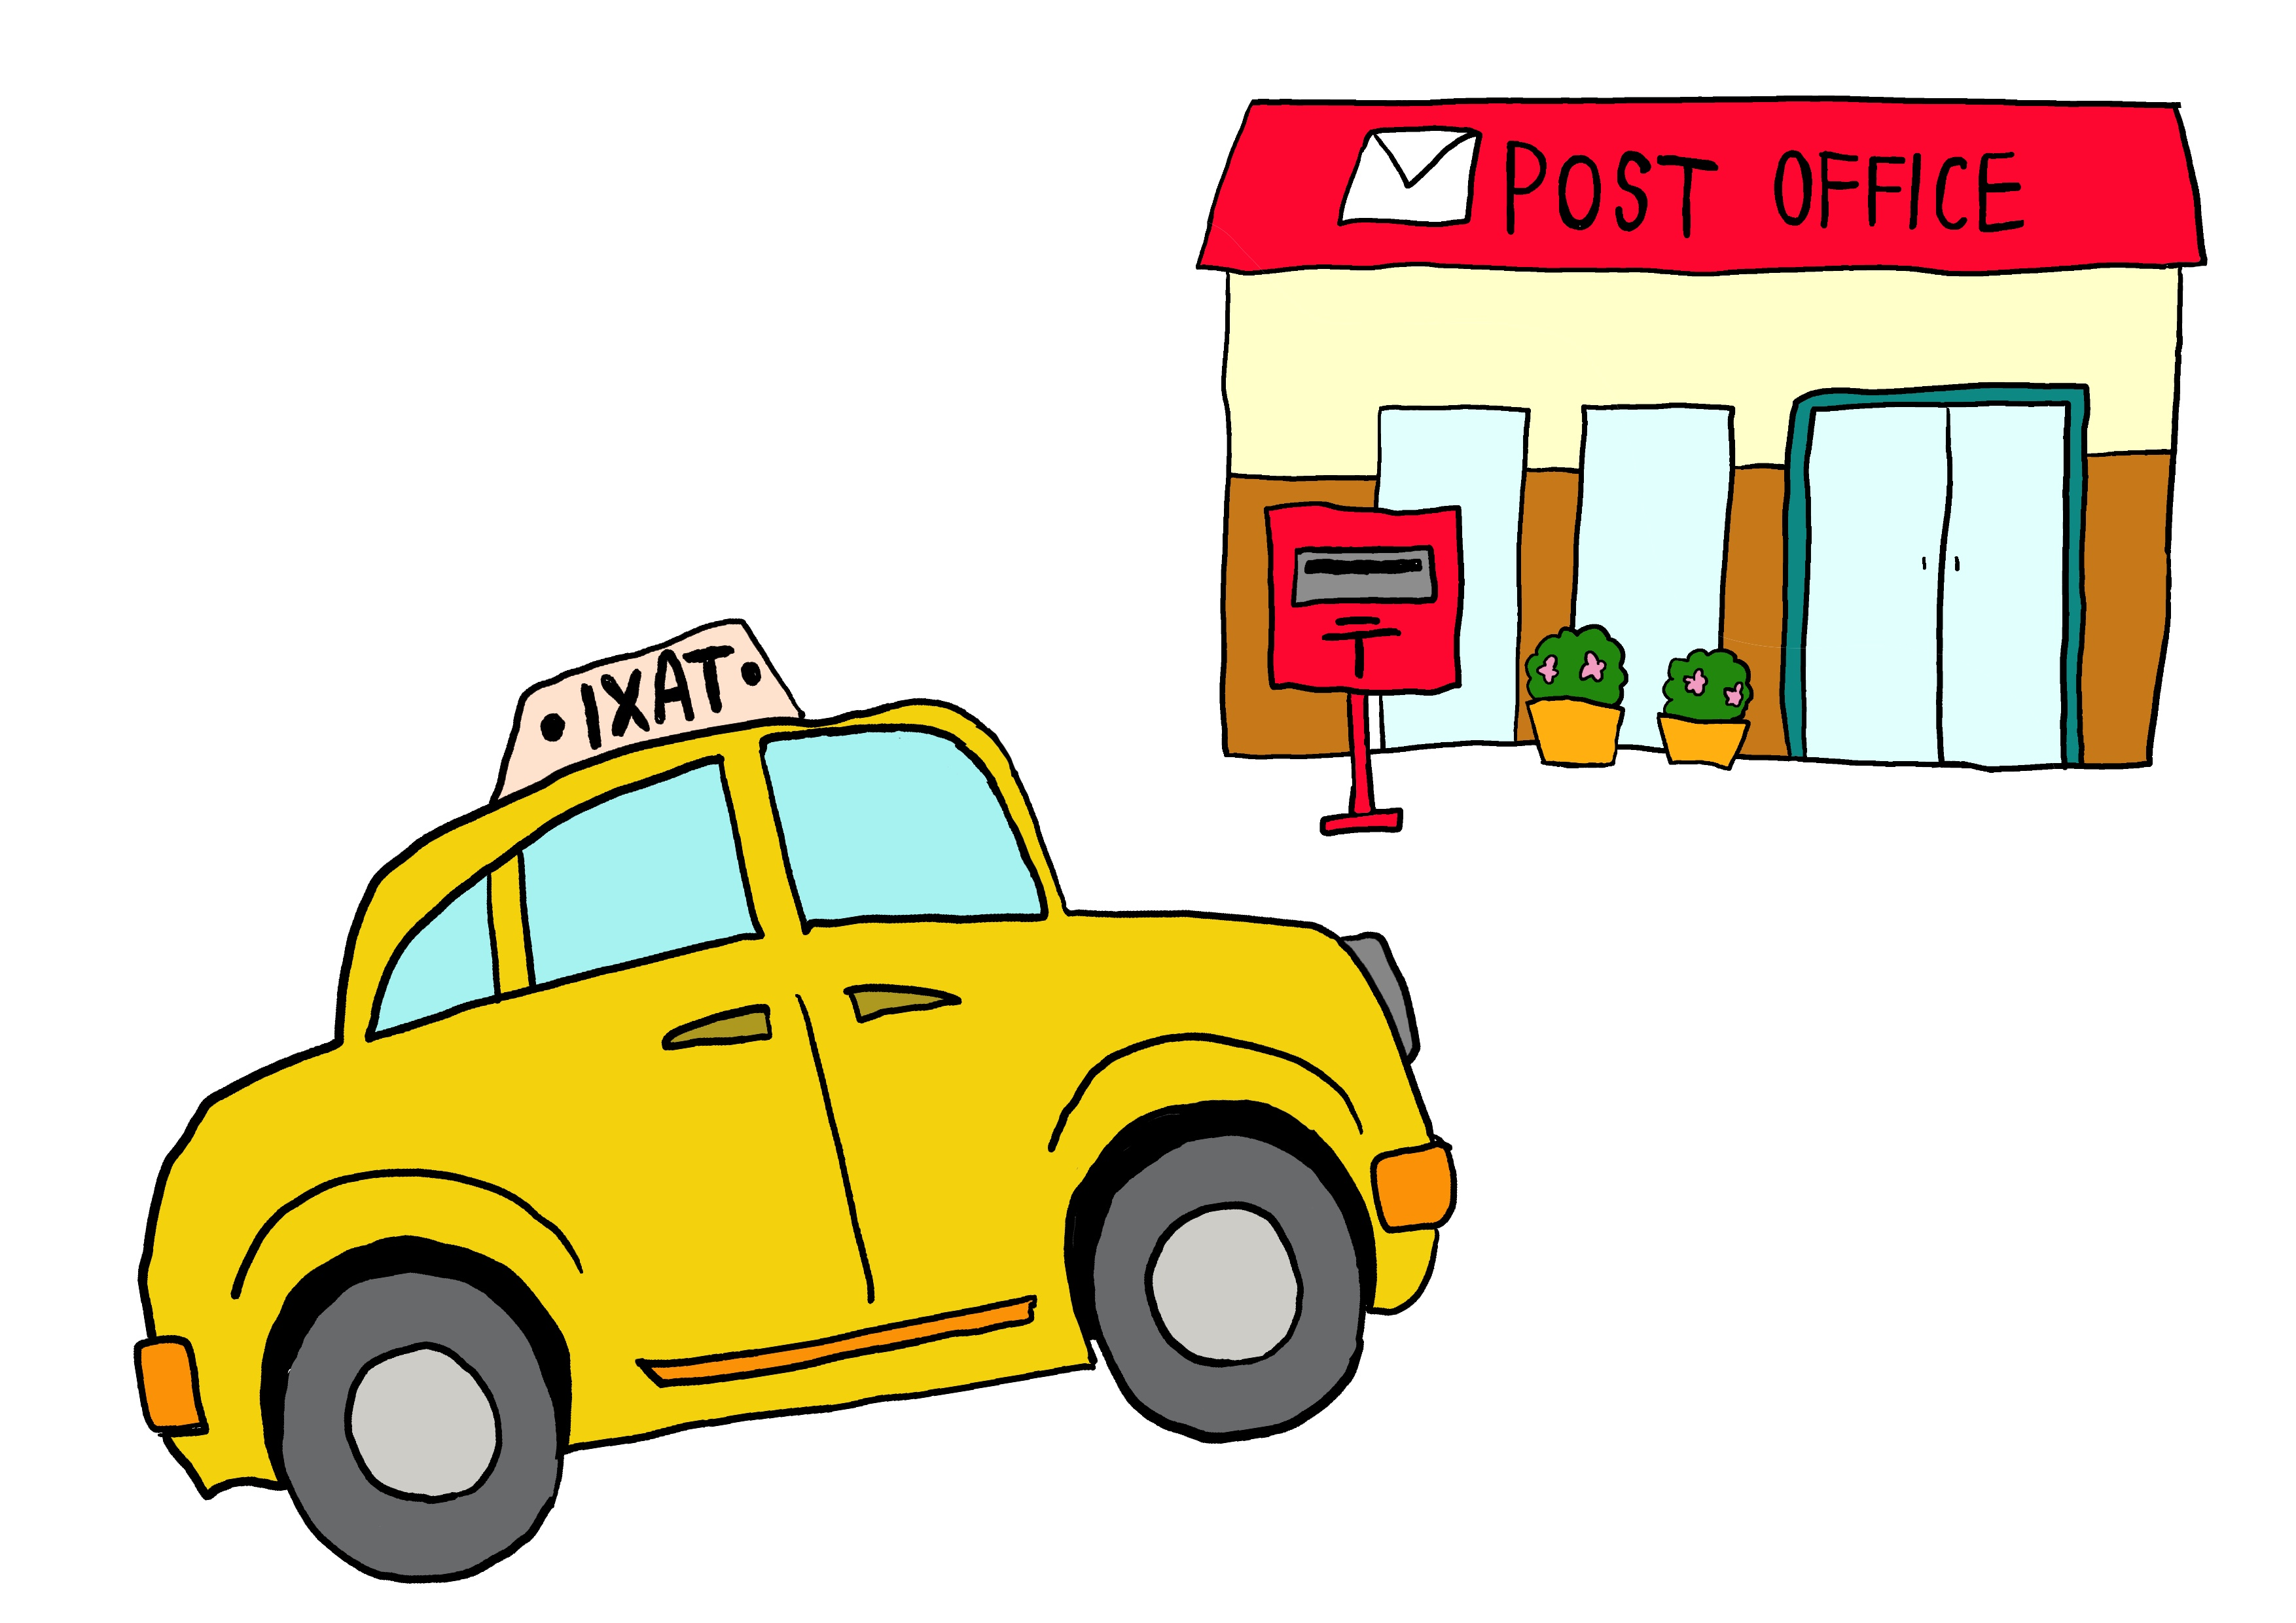 5課イラスト【タクシーで郵便局へ行く】